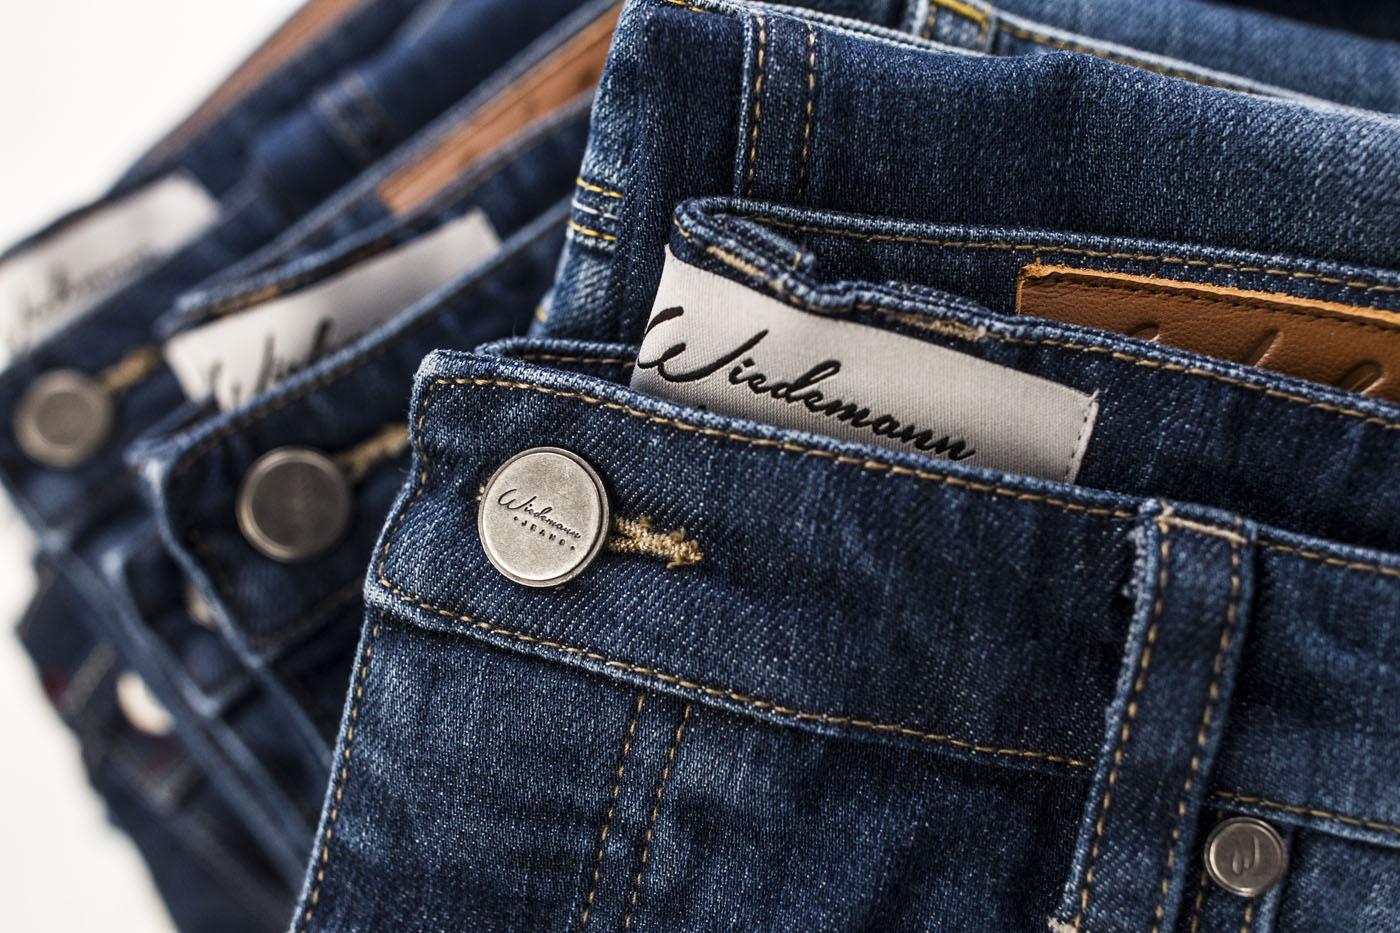 wiedemann-jeans-tallmen-00004